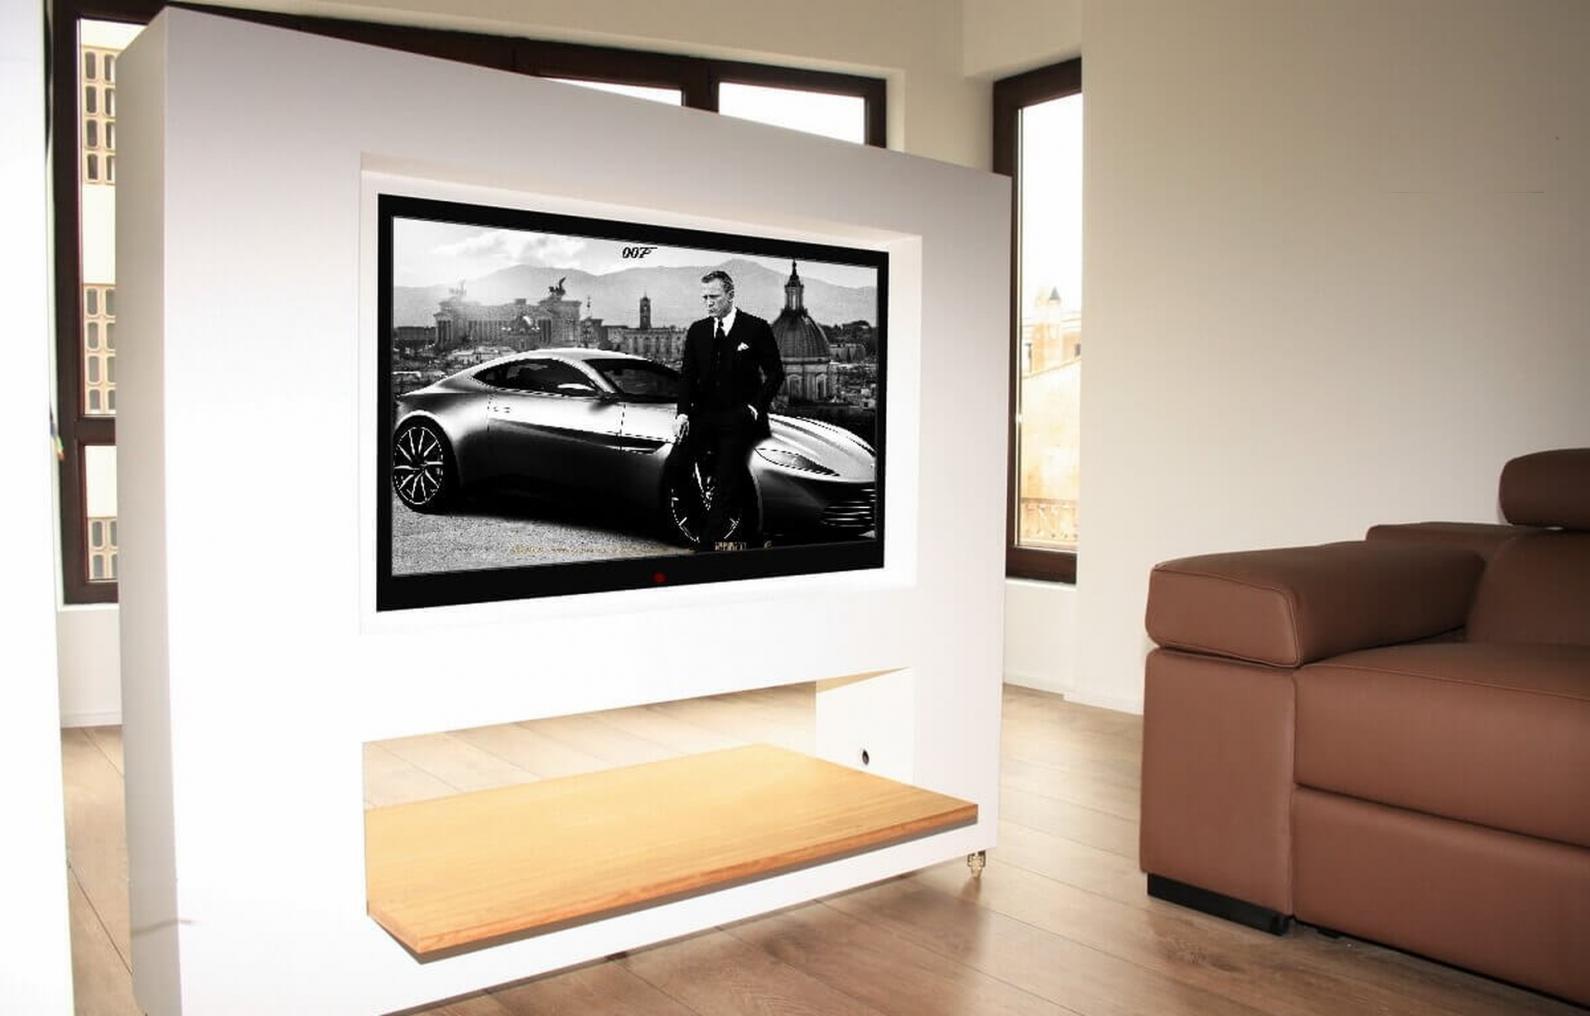 Mueble Tv Oculta A Medida Y Muebles De Dise O Marquel # Mueble Soporte Tv Diseno